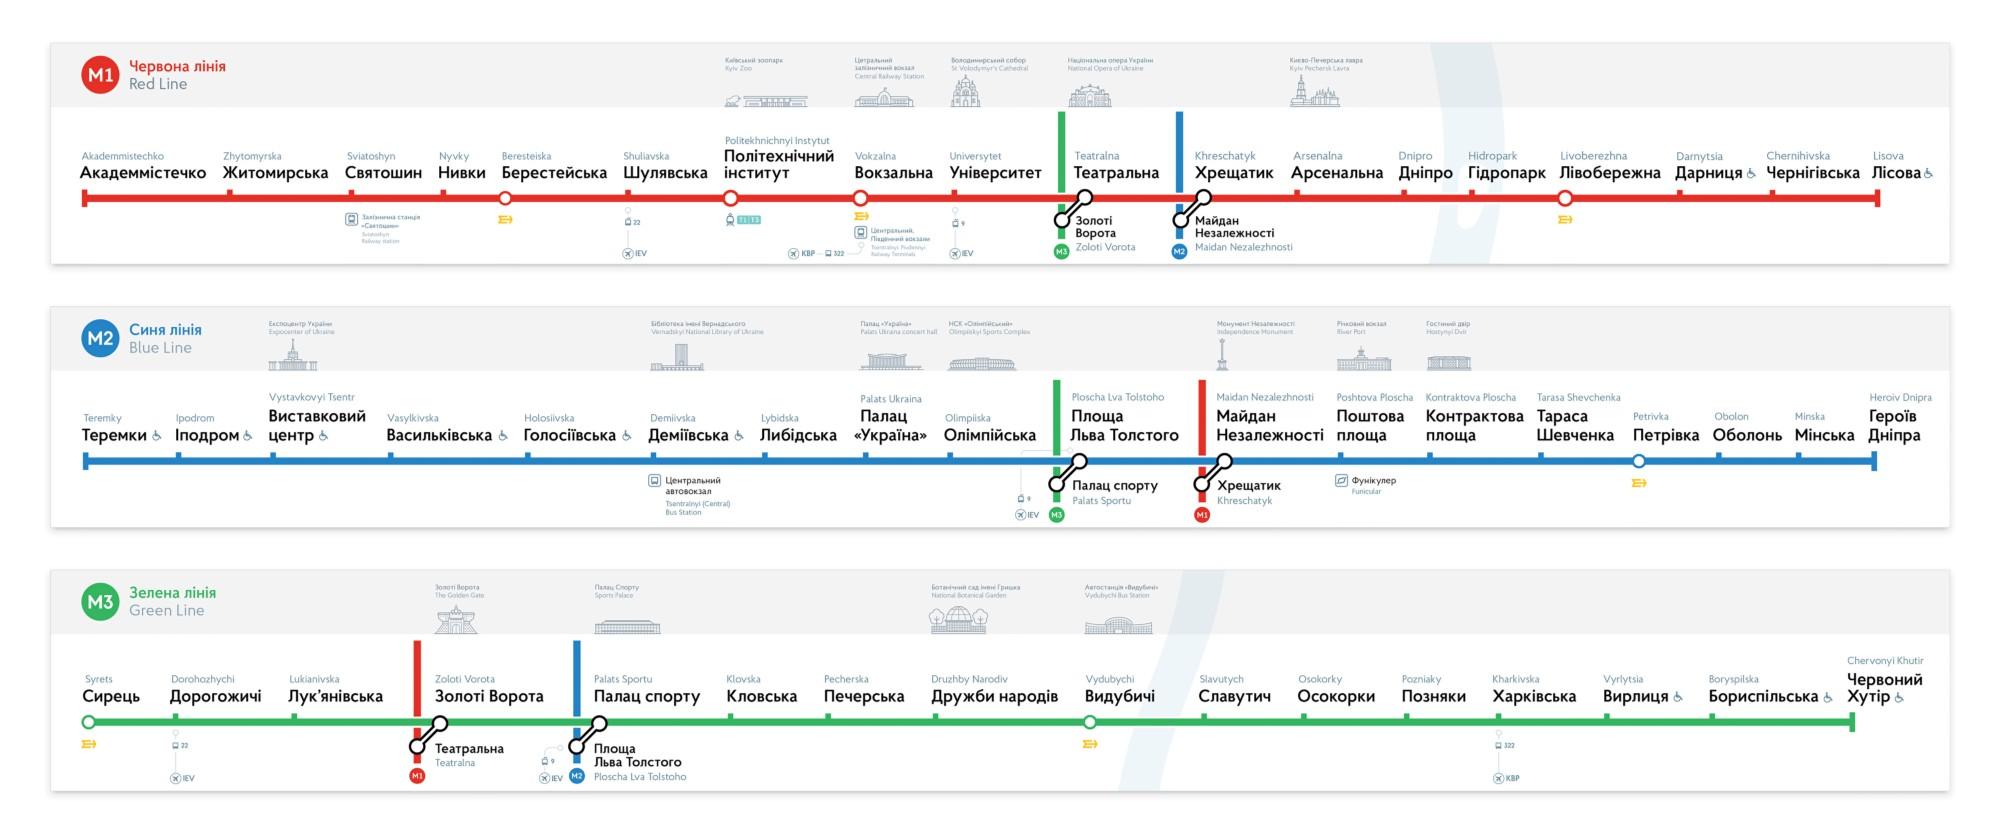 Карта Киевского метро - линейные схемы